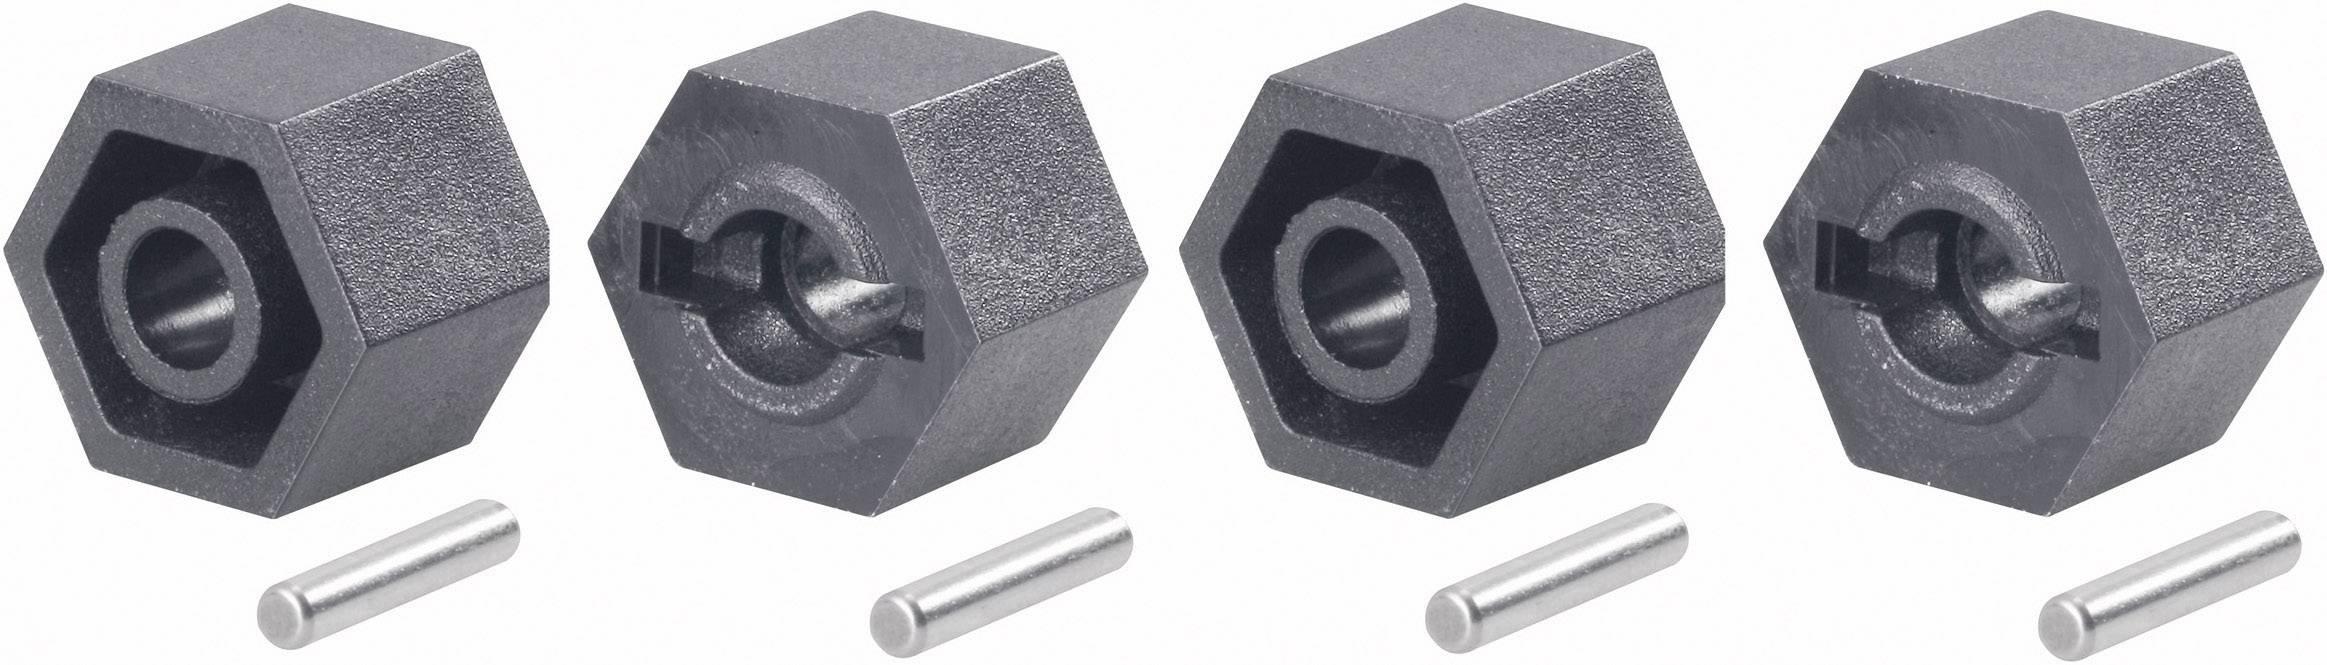 Unašeč kola 12 mm 6-hraný Reely V21071L, 1:10, 9 mm, 4 ks